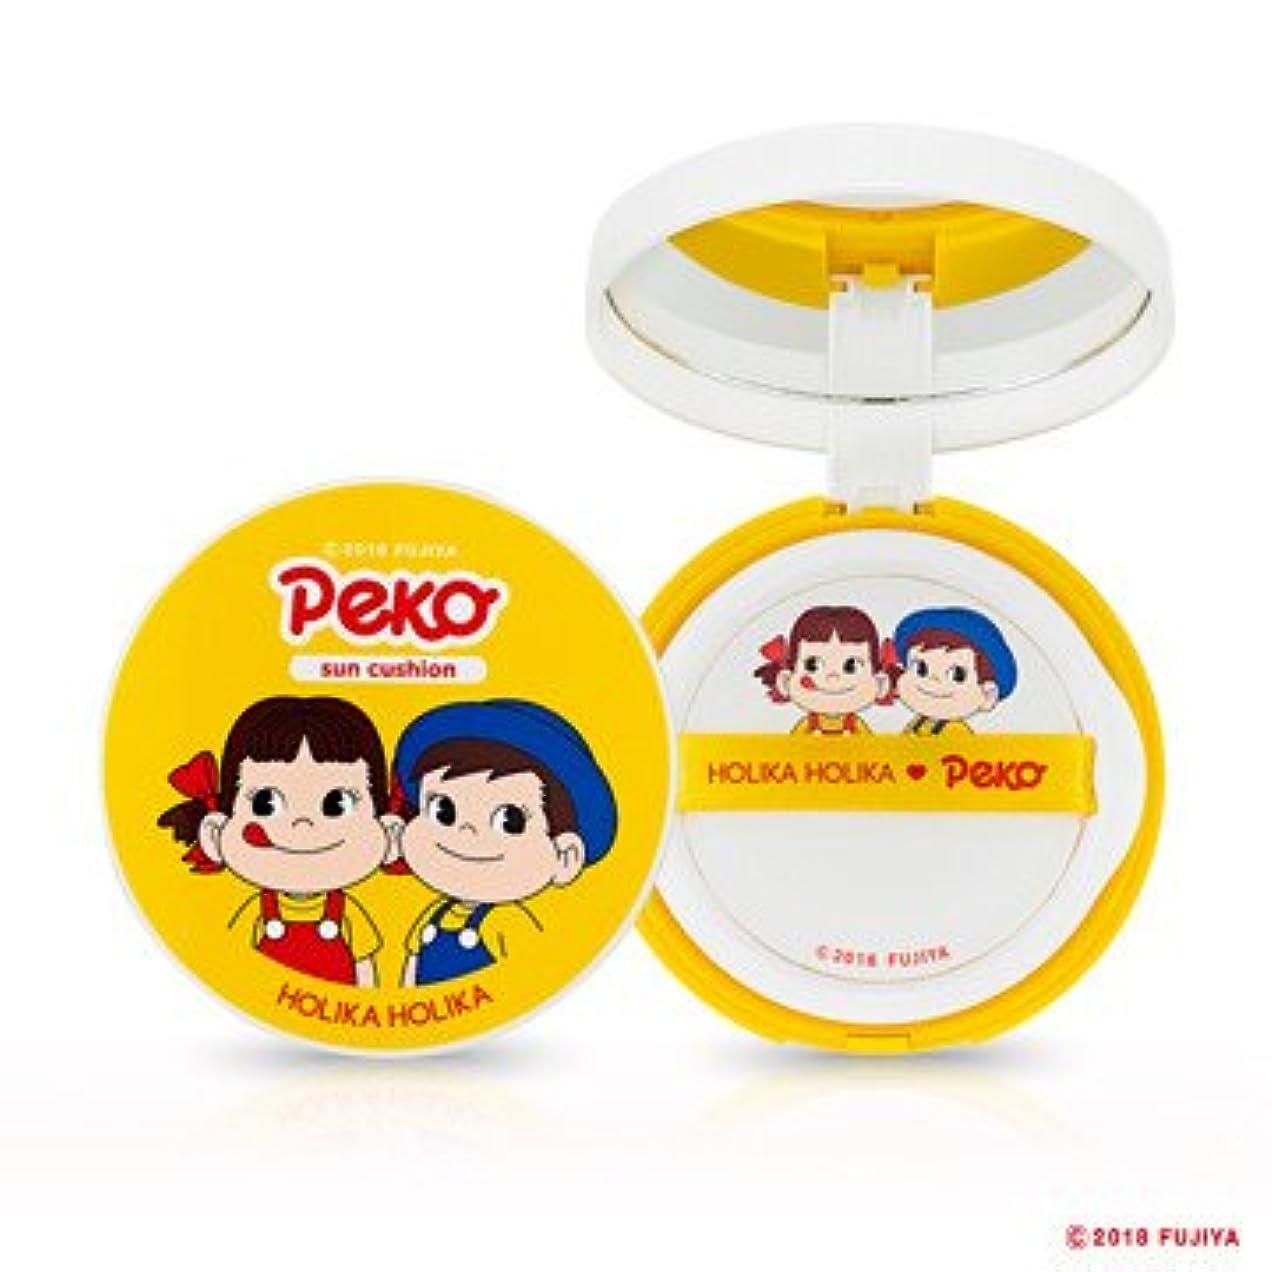 失敗毛細血管スキャンHolika Holika [Sweet Peko Edition] Mild Sun Cushion SPF45 PA+++ / ホリカホリカ [スイートペコエディション] マイルド サンクッション 13g [並行輸入品]